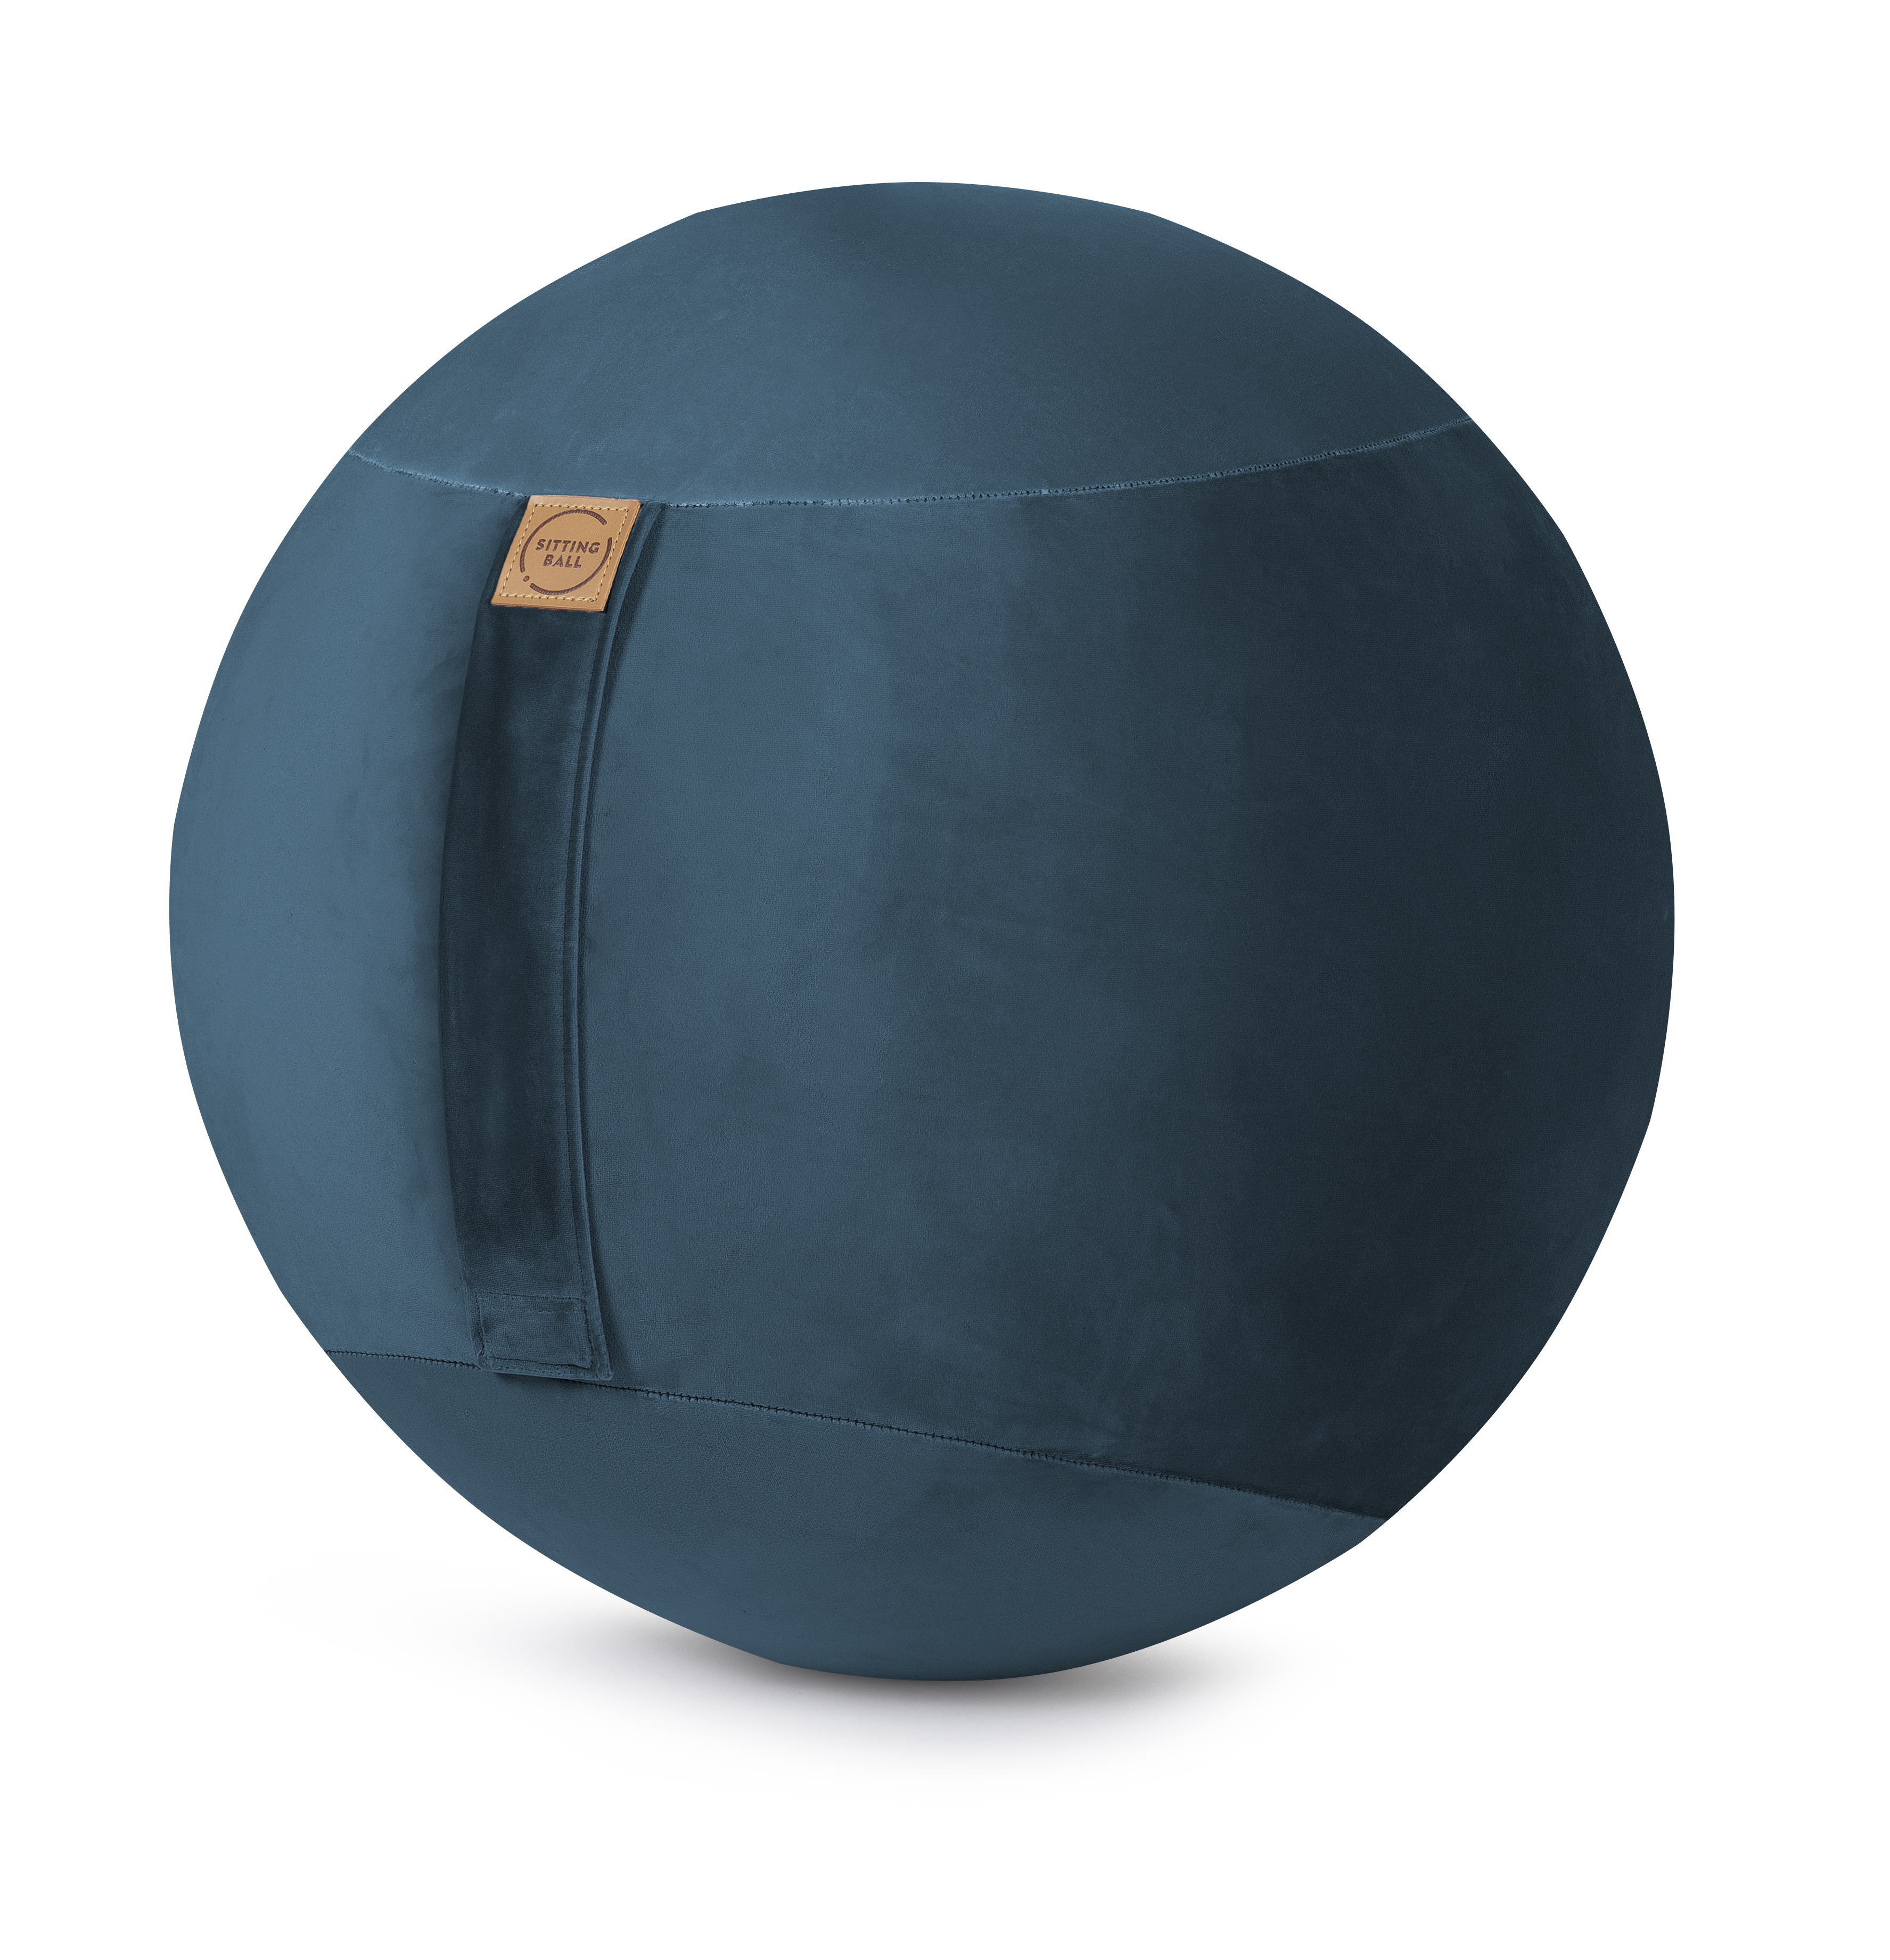 Balle d'assise avec poignée bleu pétrole velours D65